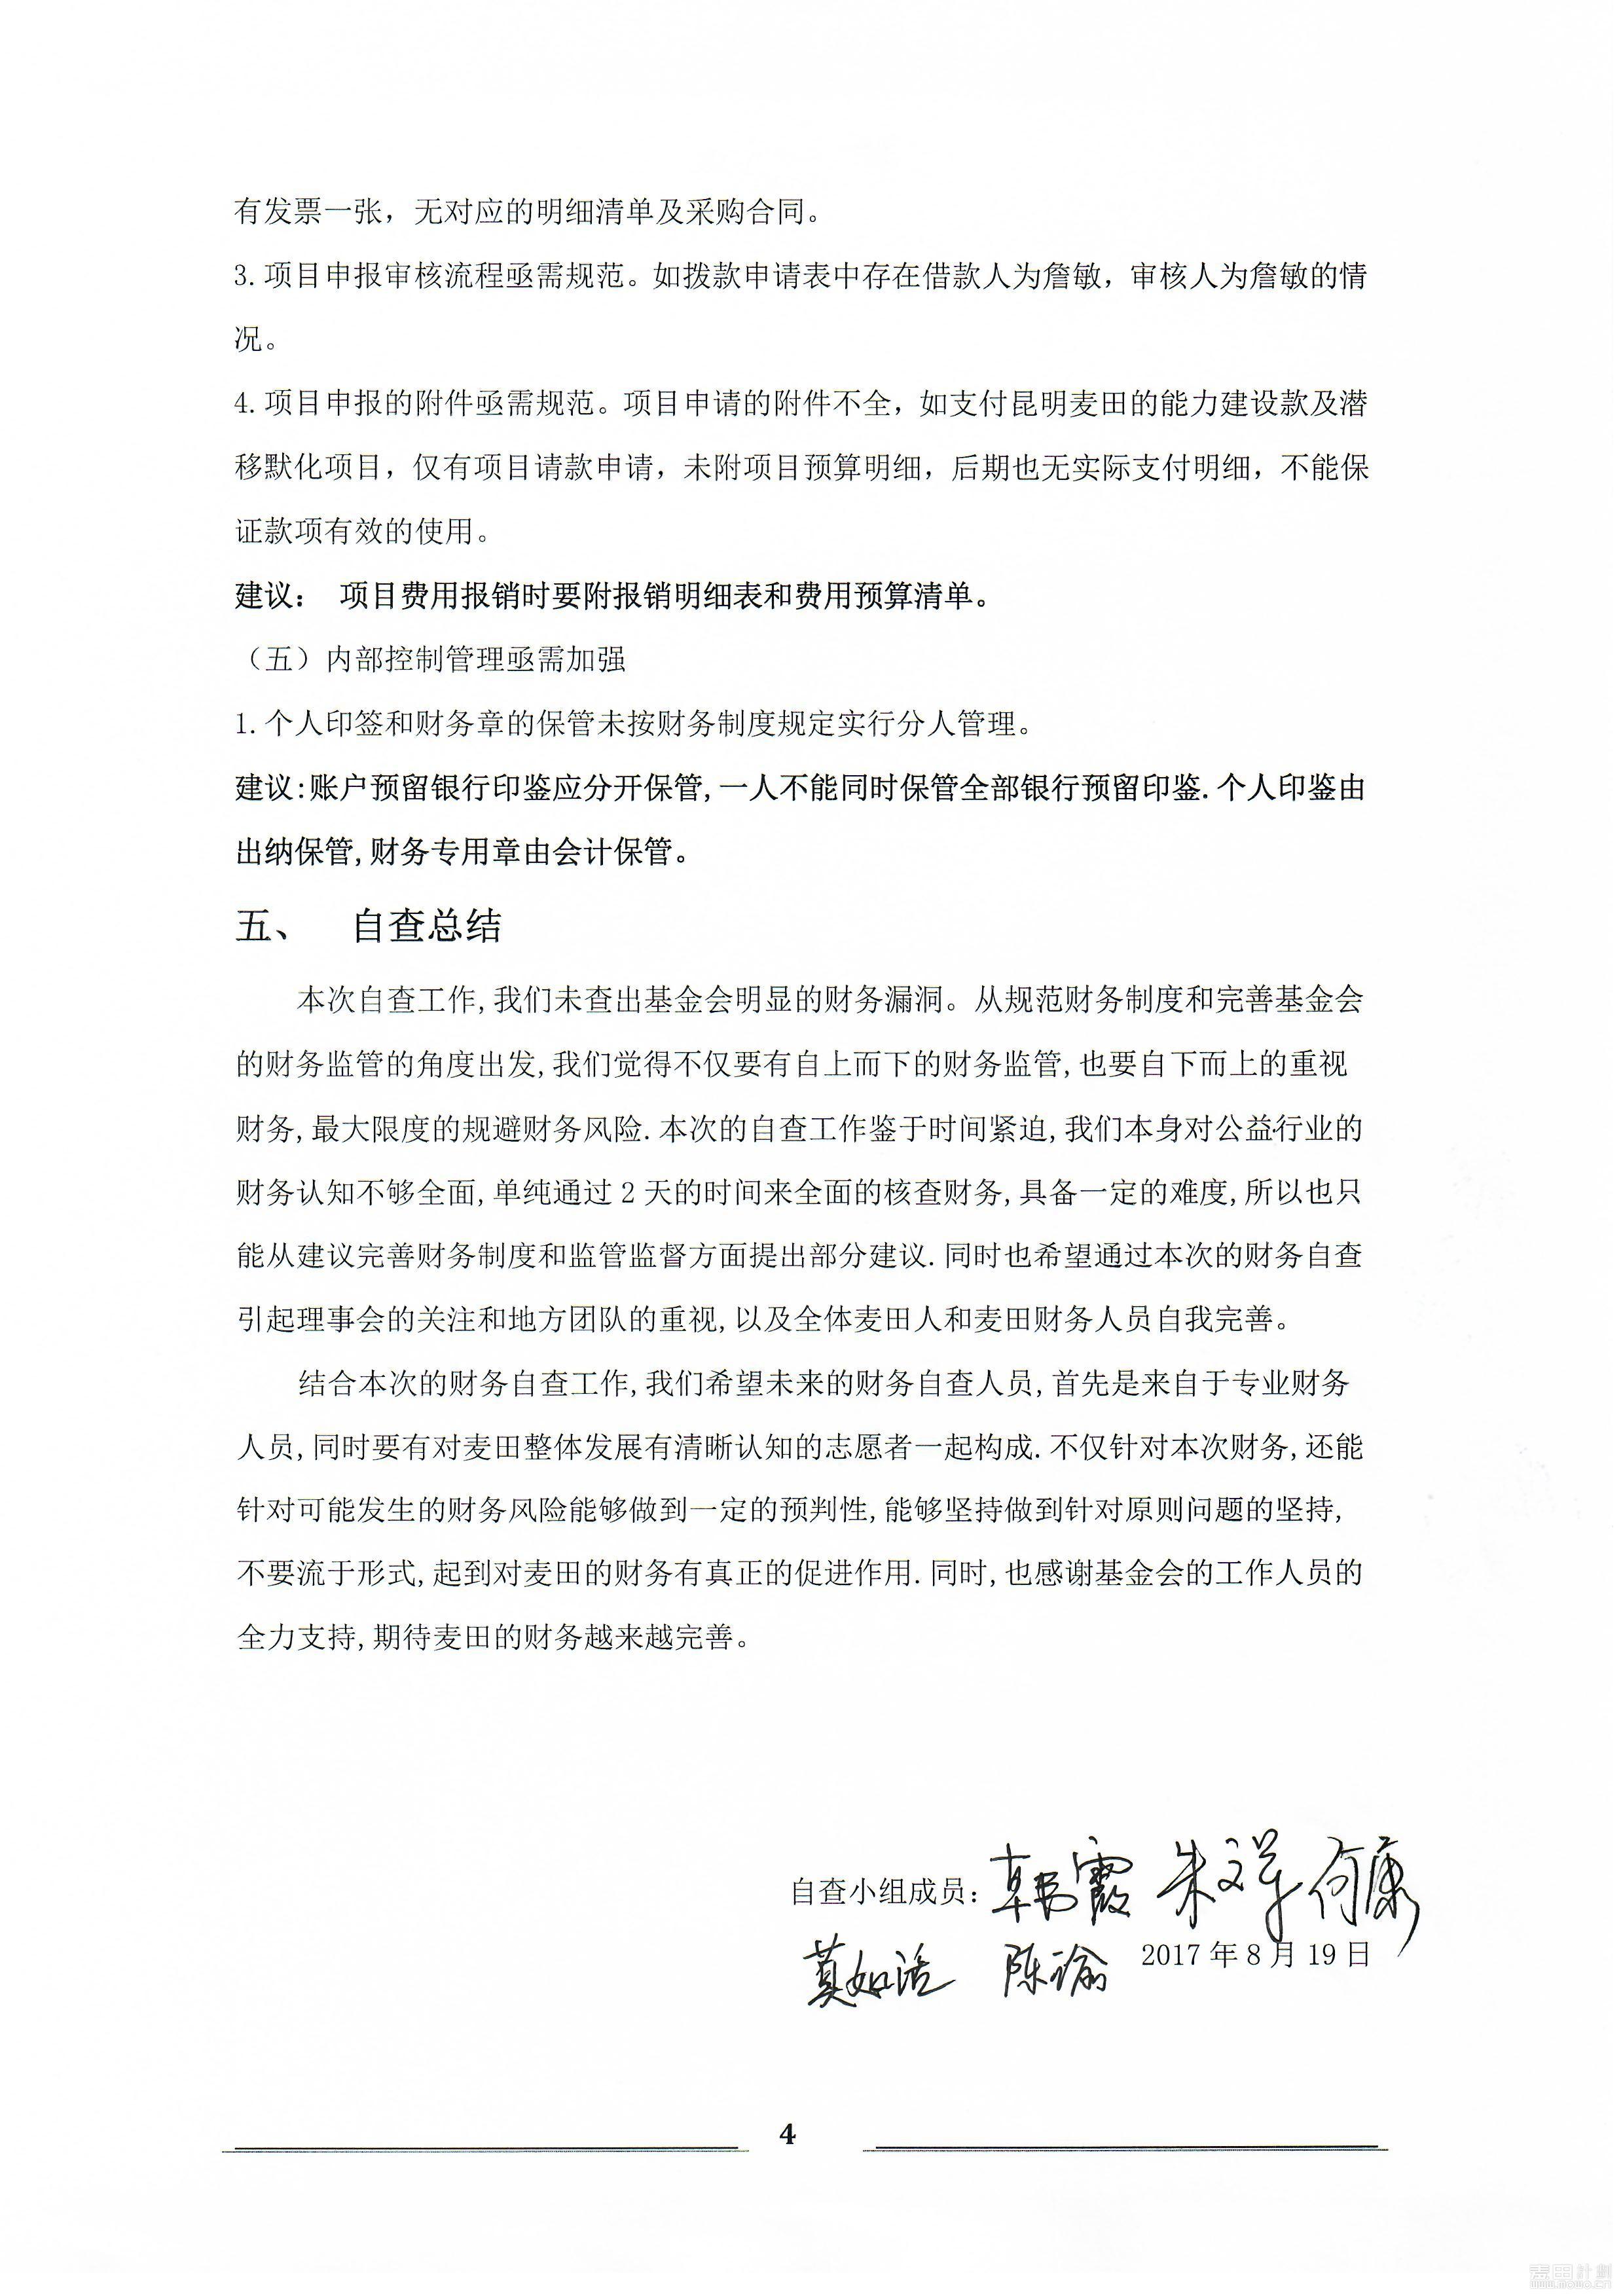 财务自查报告-4.jpg